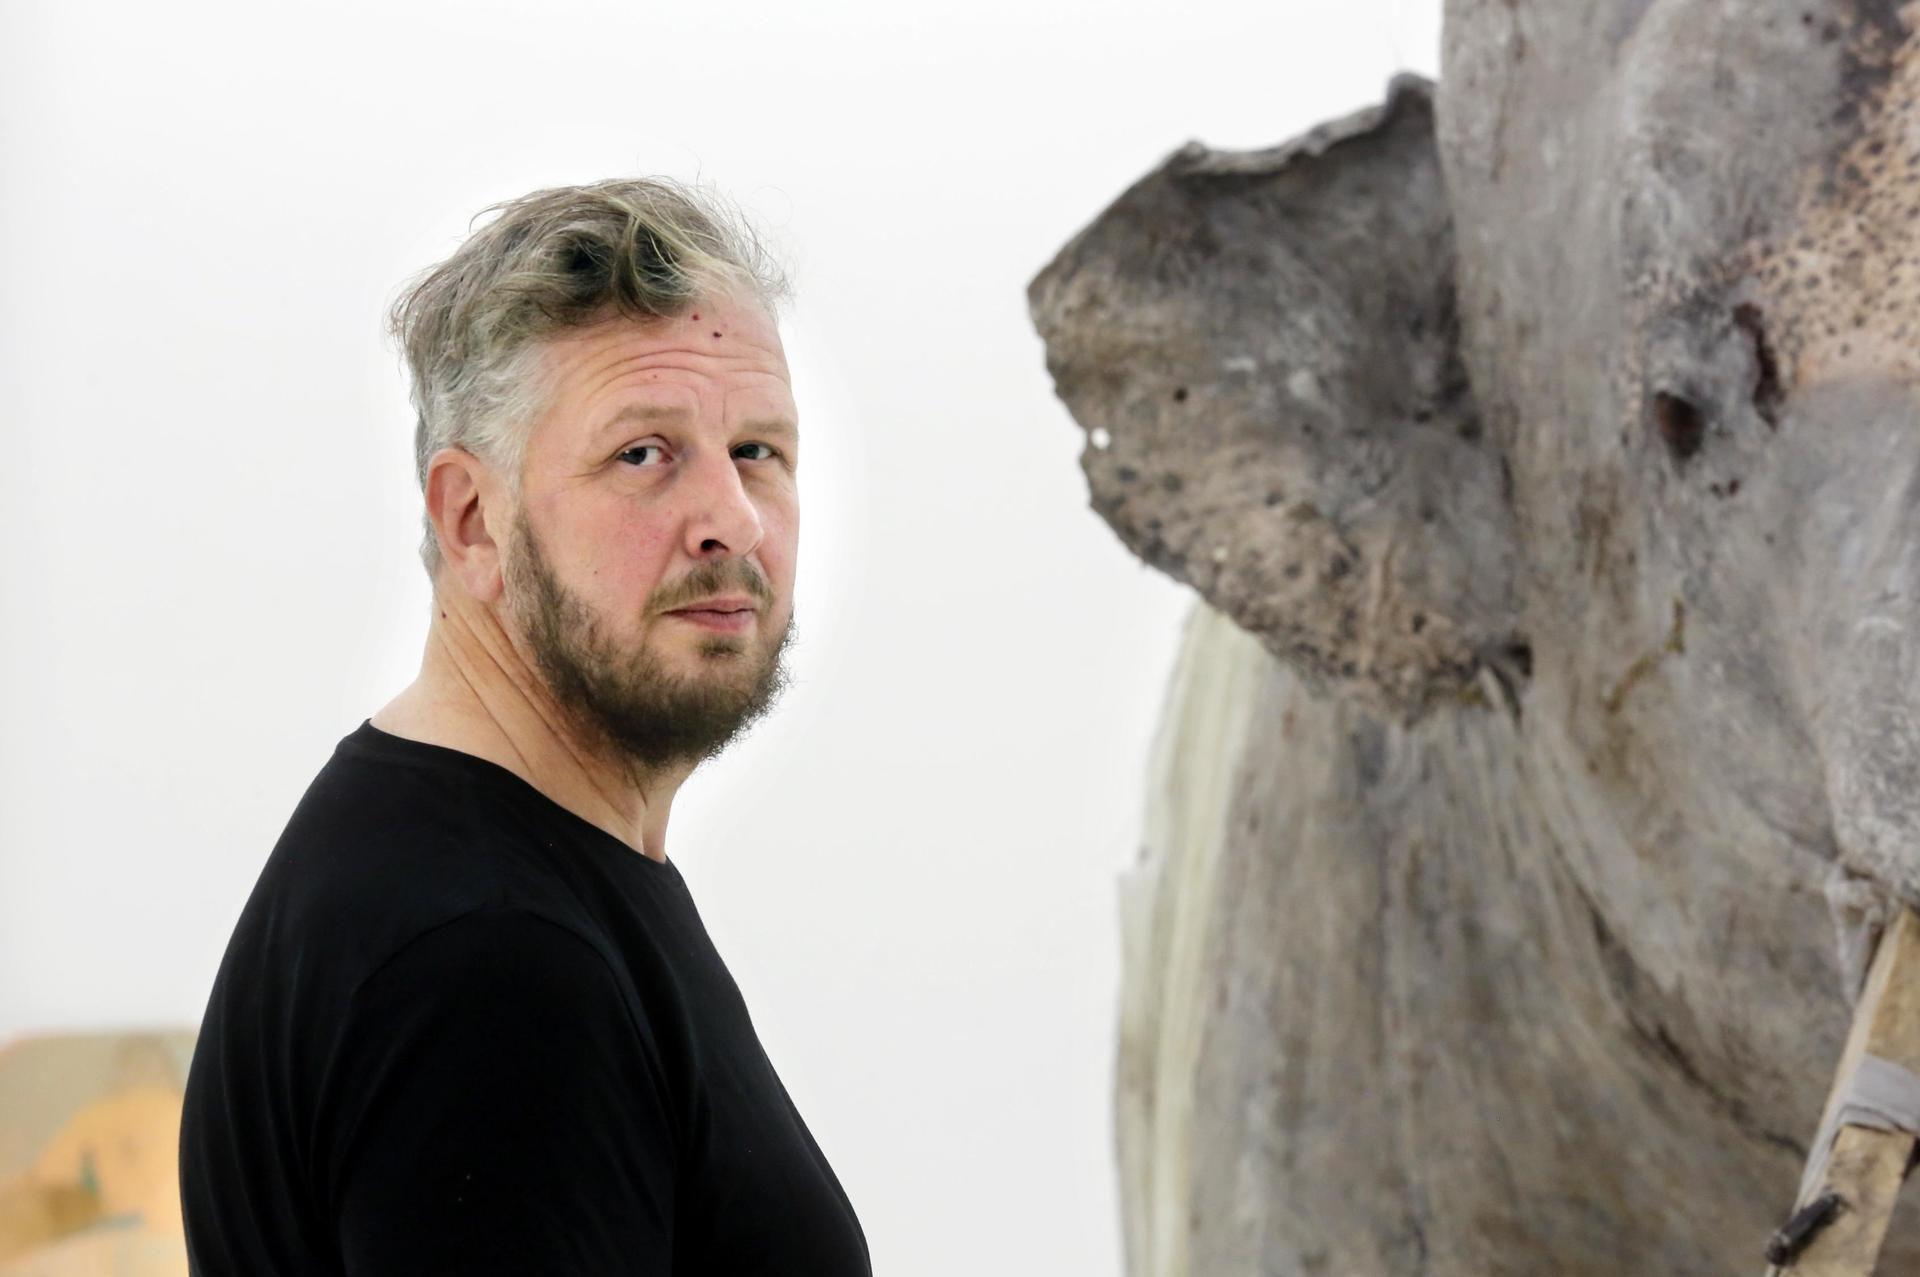 """Roland Perssonin silikonista valmistettu norsuveistos Hope and Glory on vaikuttava kokemus. Sen mallina on toiminut vanha sirkusnorsu, joka täytettiin 1970-luvulla. """"Nykyihmisen luontosuhde on yksi aihe, jota Persson on käsitellyt teoksissaan paljon.  Pohjoismaissa ihmiset ovat pitkään eläneet rinnakkain luonnon kanssa ja suhtautuneet siihen pragmaattisesti. Kaupungistuminen on tehnyt luontosuhteestamme etäisen ja sentimentaalisen."""""""